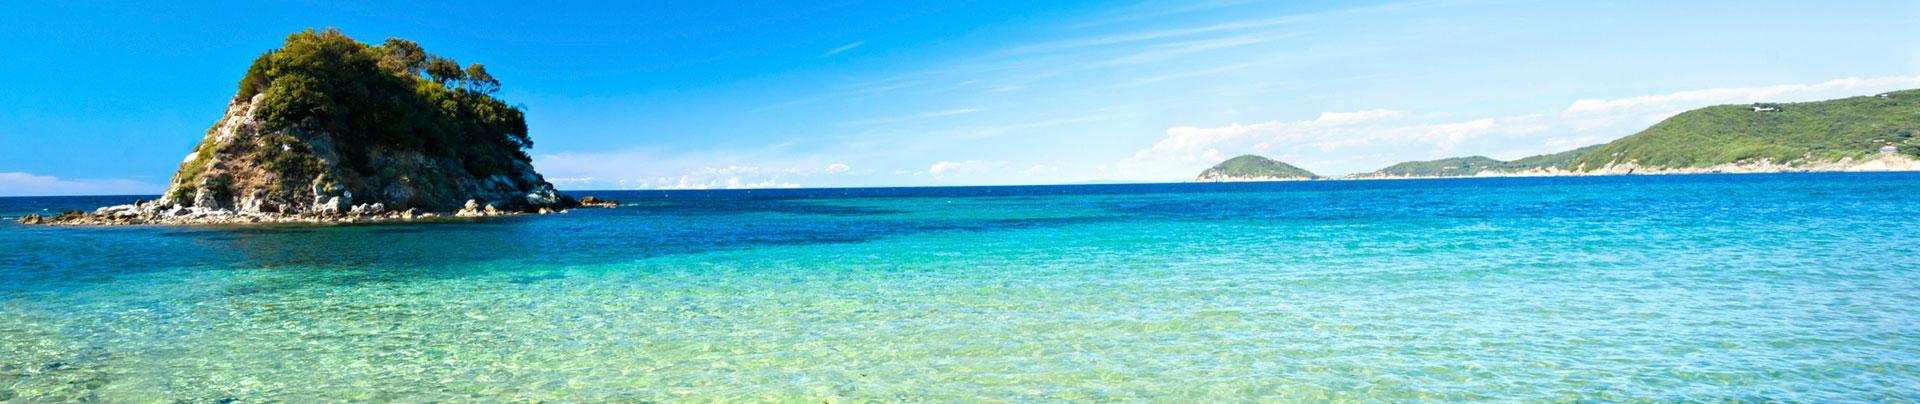 Appartamenti sul mare all 39 isola d 39 elba for Appartamenti barcellona sul mare